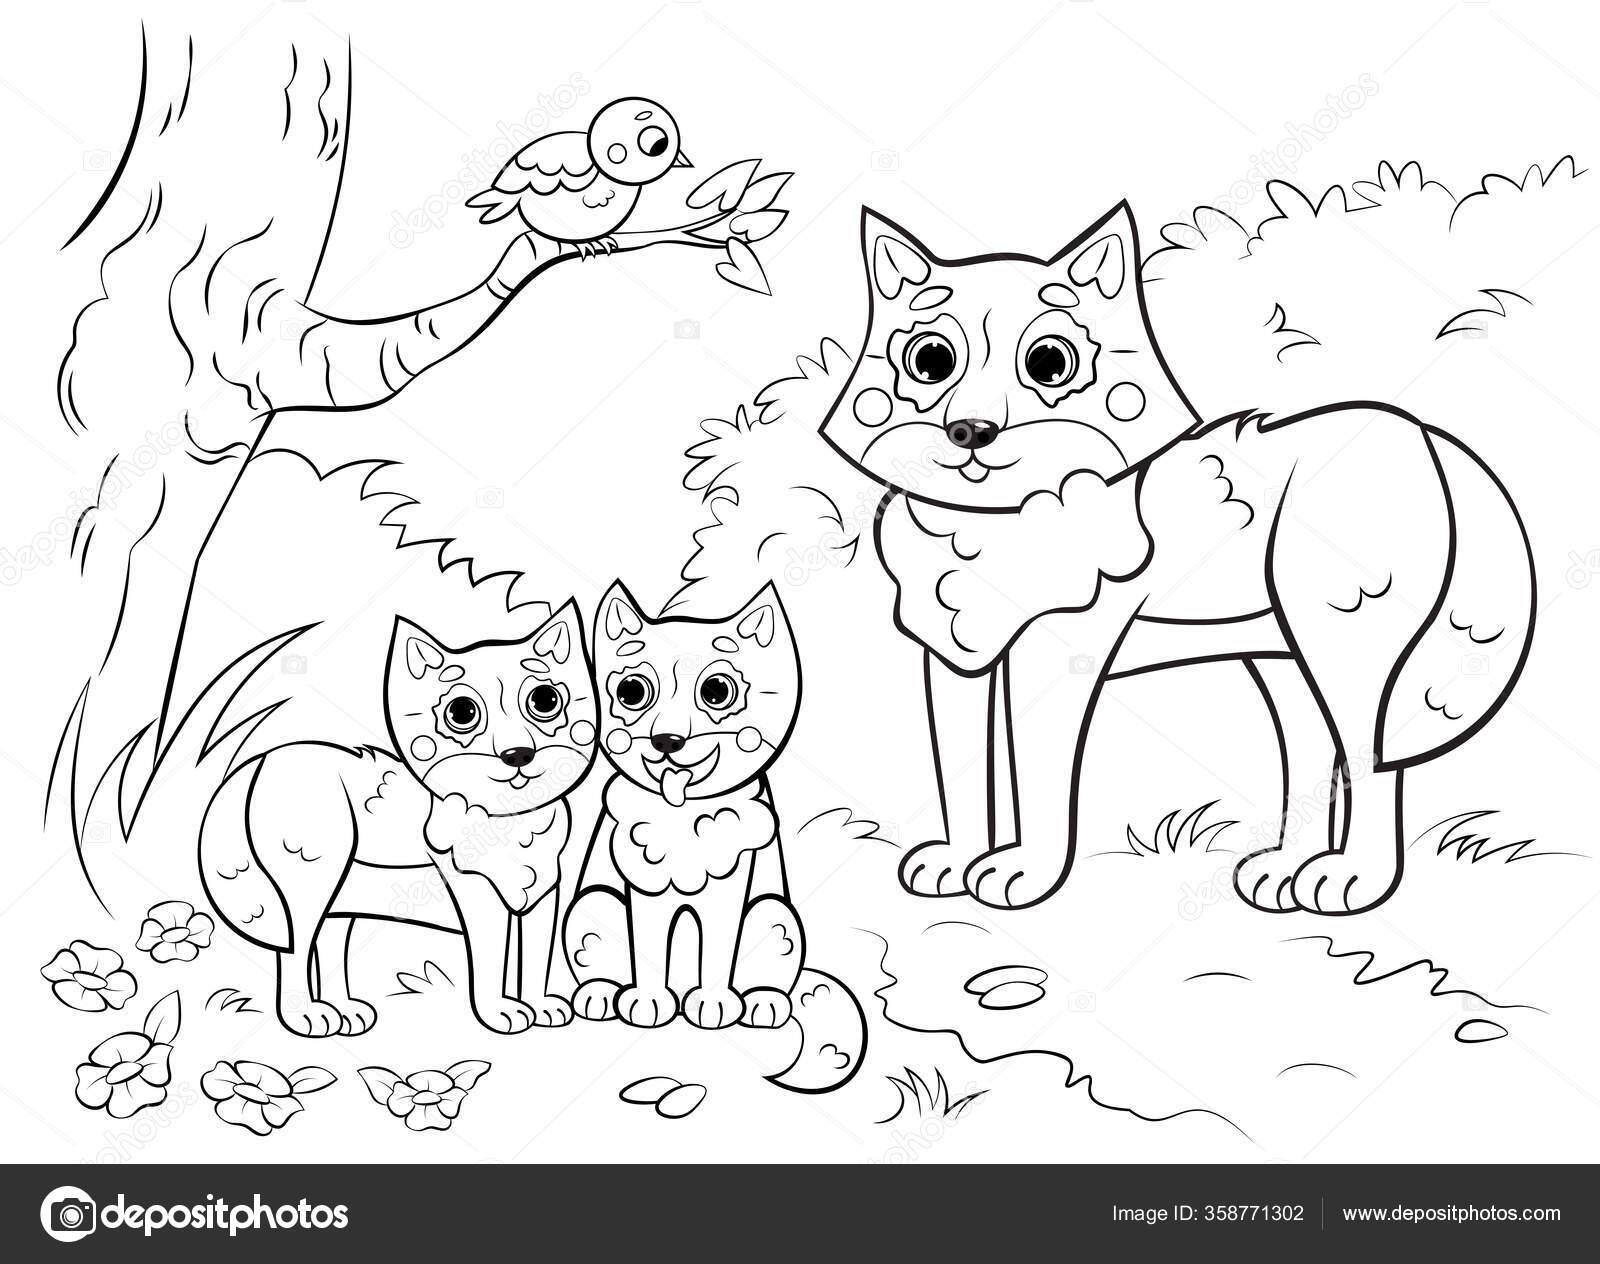 malvorlage umriss der niedlichen cartoon wolfsfamilie mit